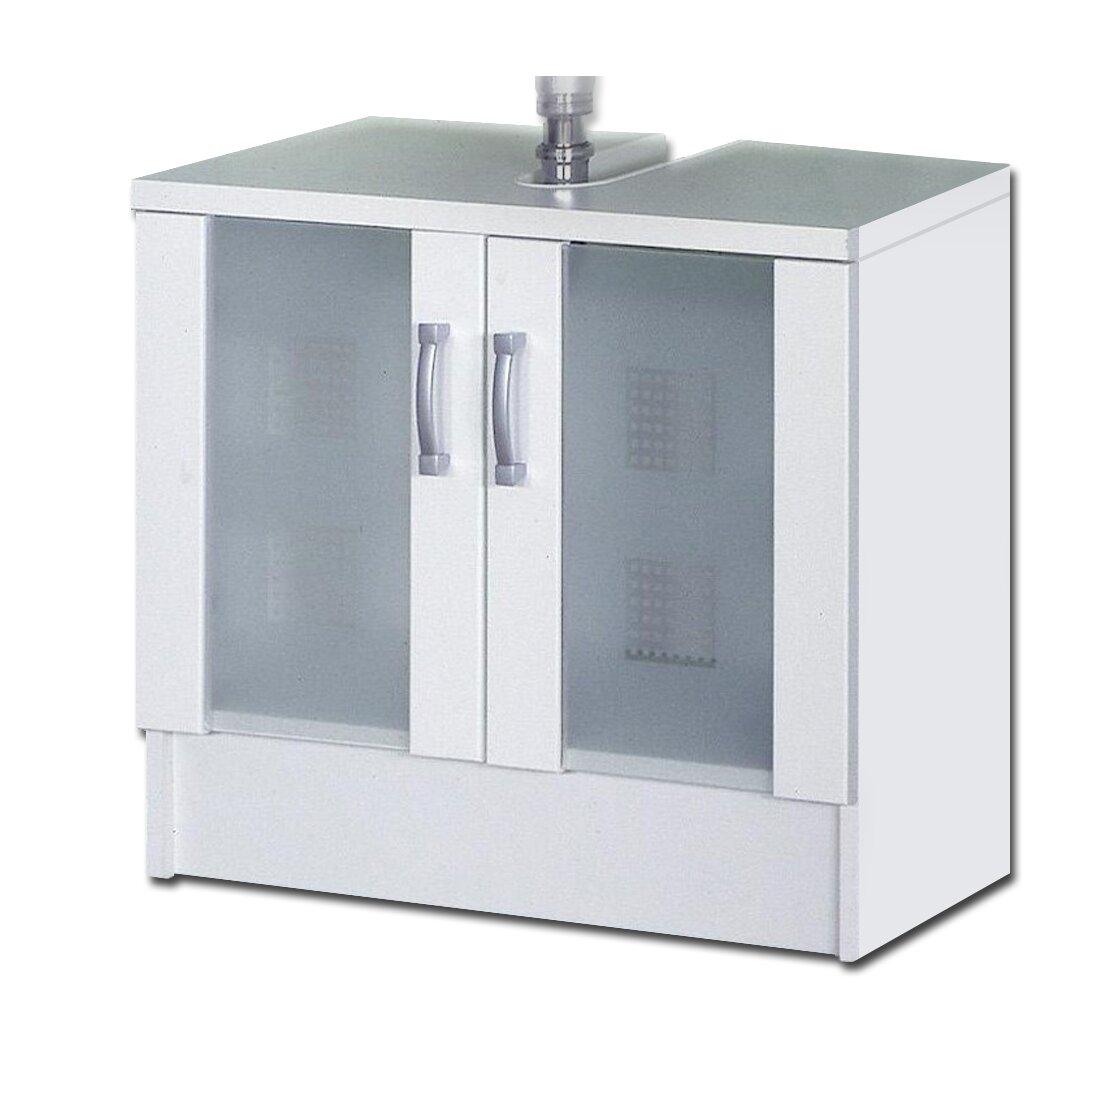 belfry bathroom 60cm under sink storage unit